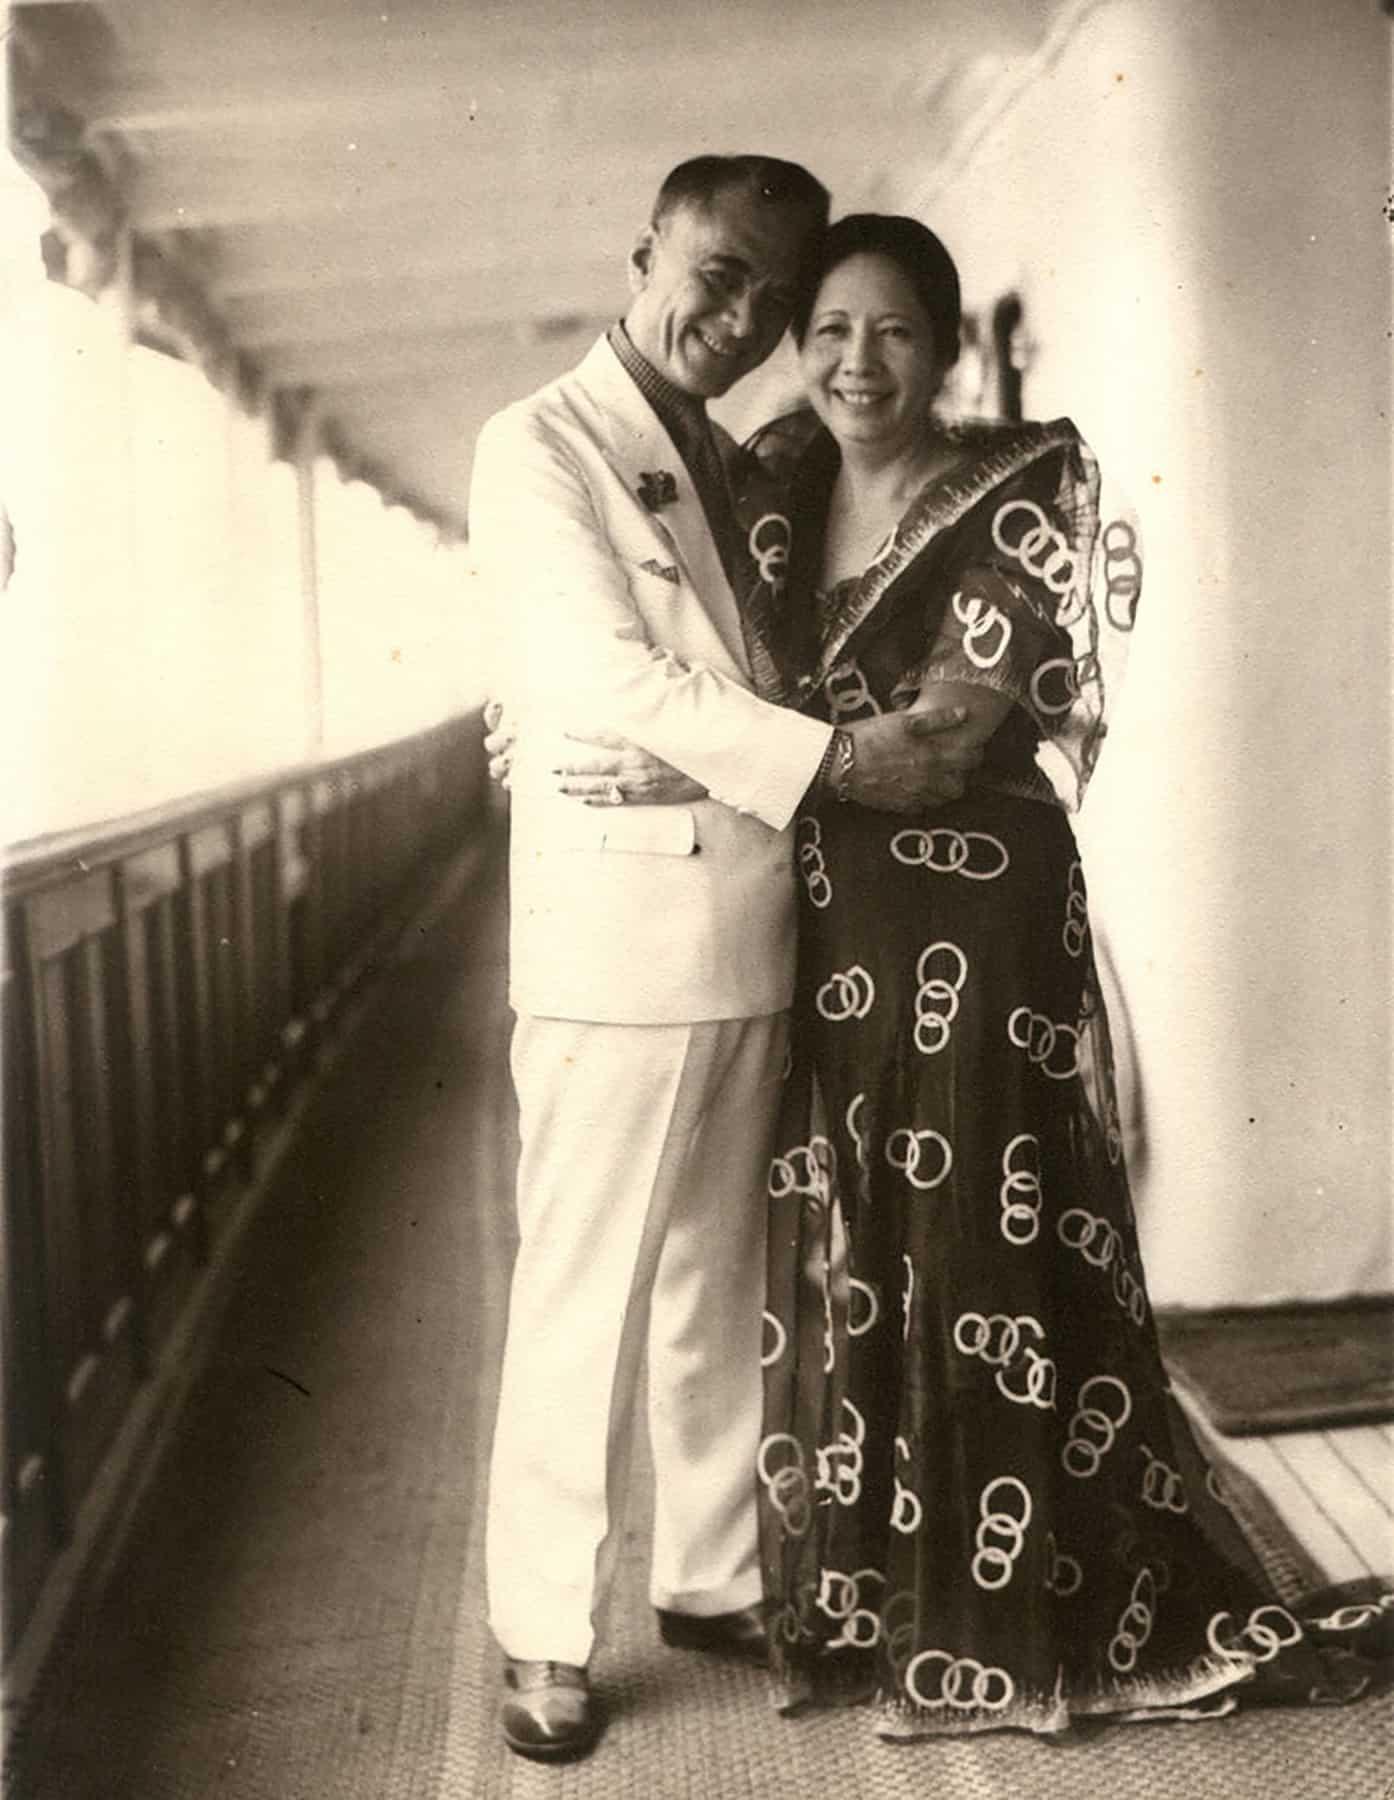 נשיא הפיליפינים מנואל ל. קויזון עם אשתו, אורורה קויזון, בתמונה ללא תאריך (צילום: באדיבות אוסף משפחת קויזון)